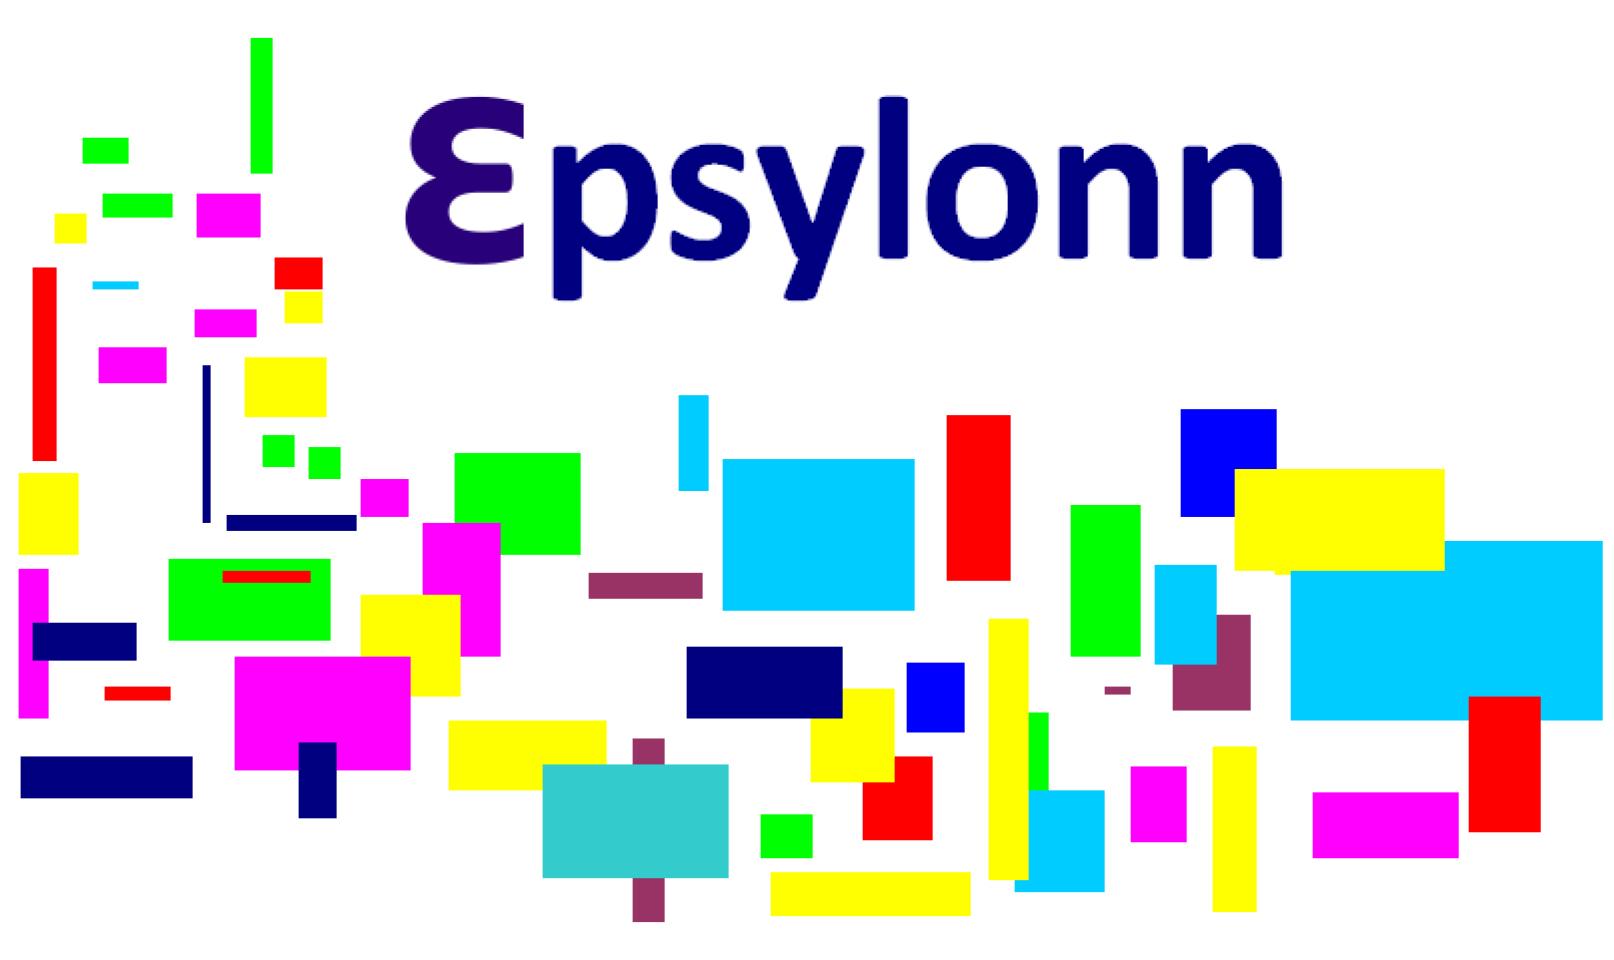 Epsylonn